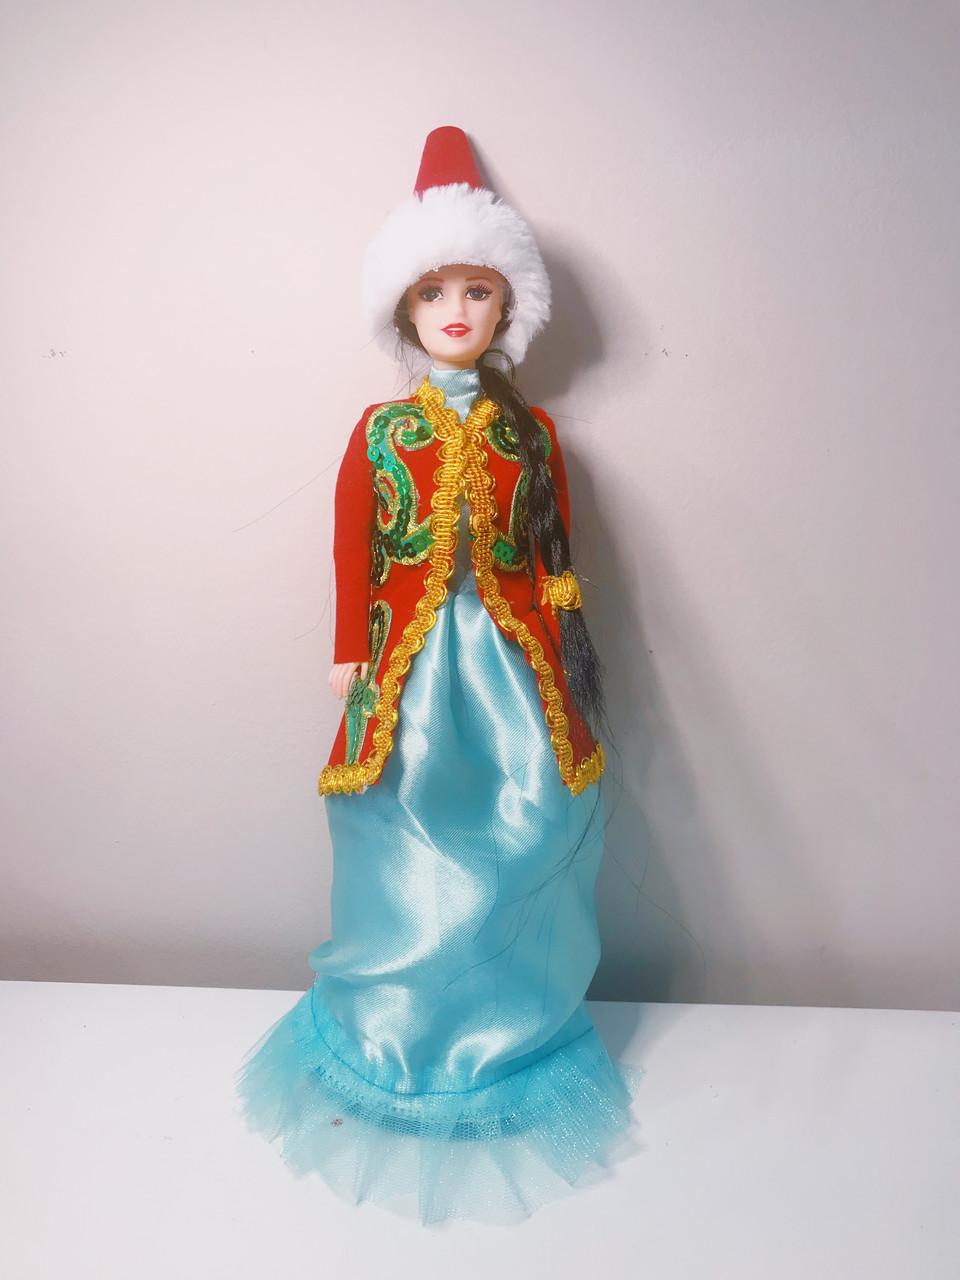 Кукла в казахском национальном наряде